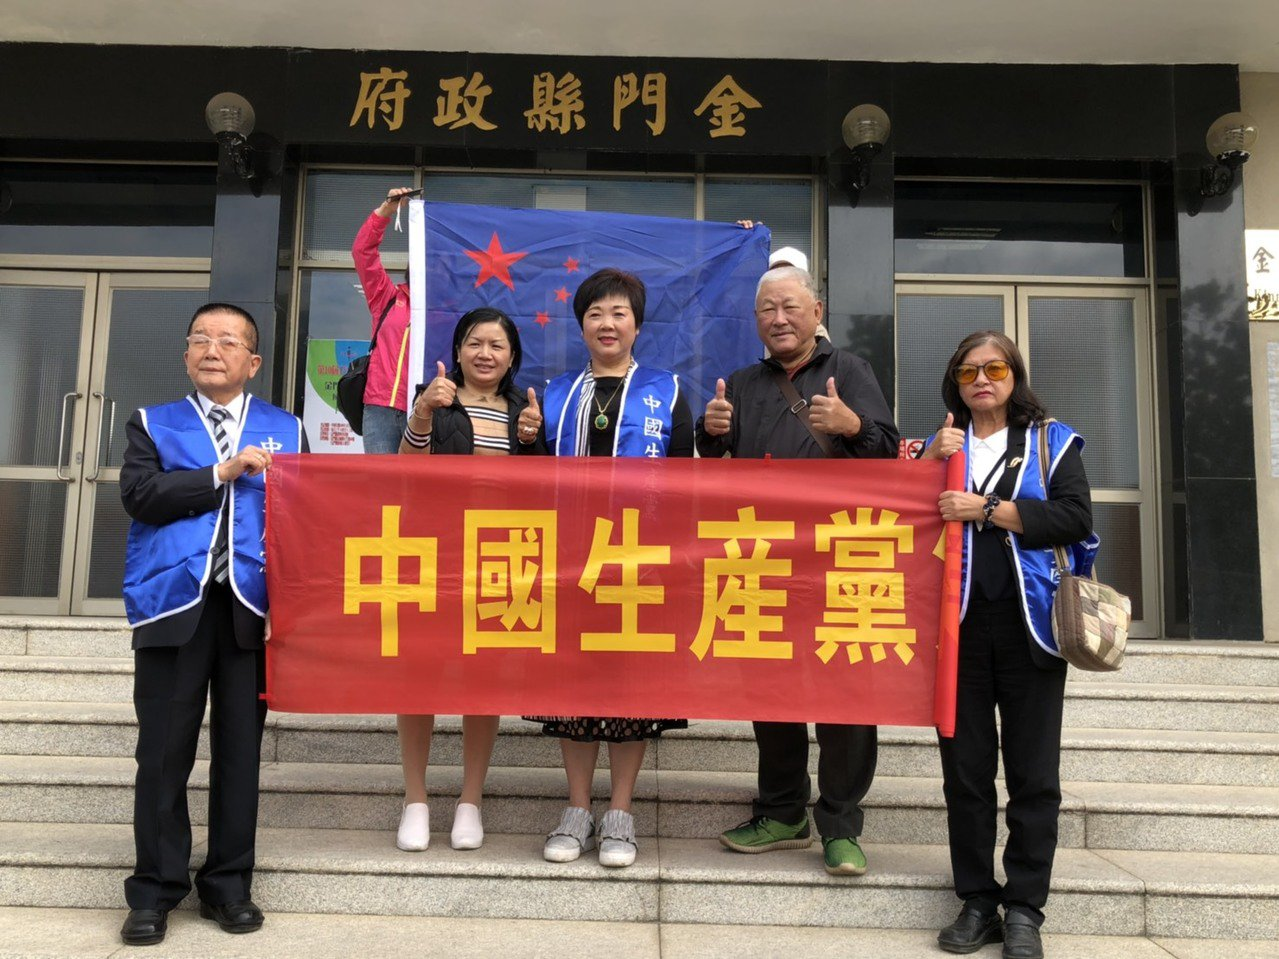 中國生產黨黨主席盧月香今天登記角逐立委選舉,強調將推動金門成為一國兩二制的先行先...